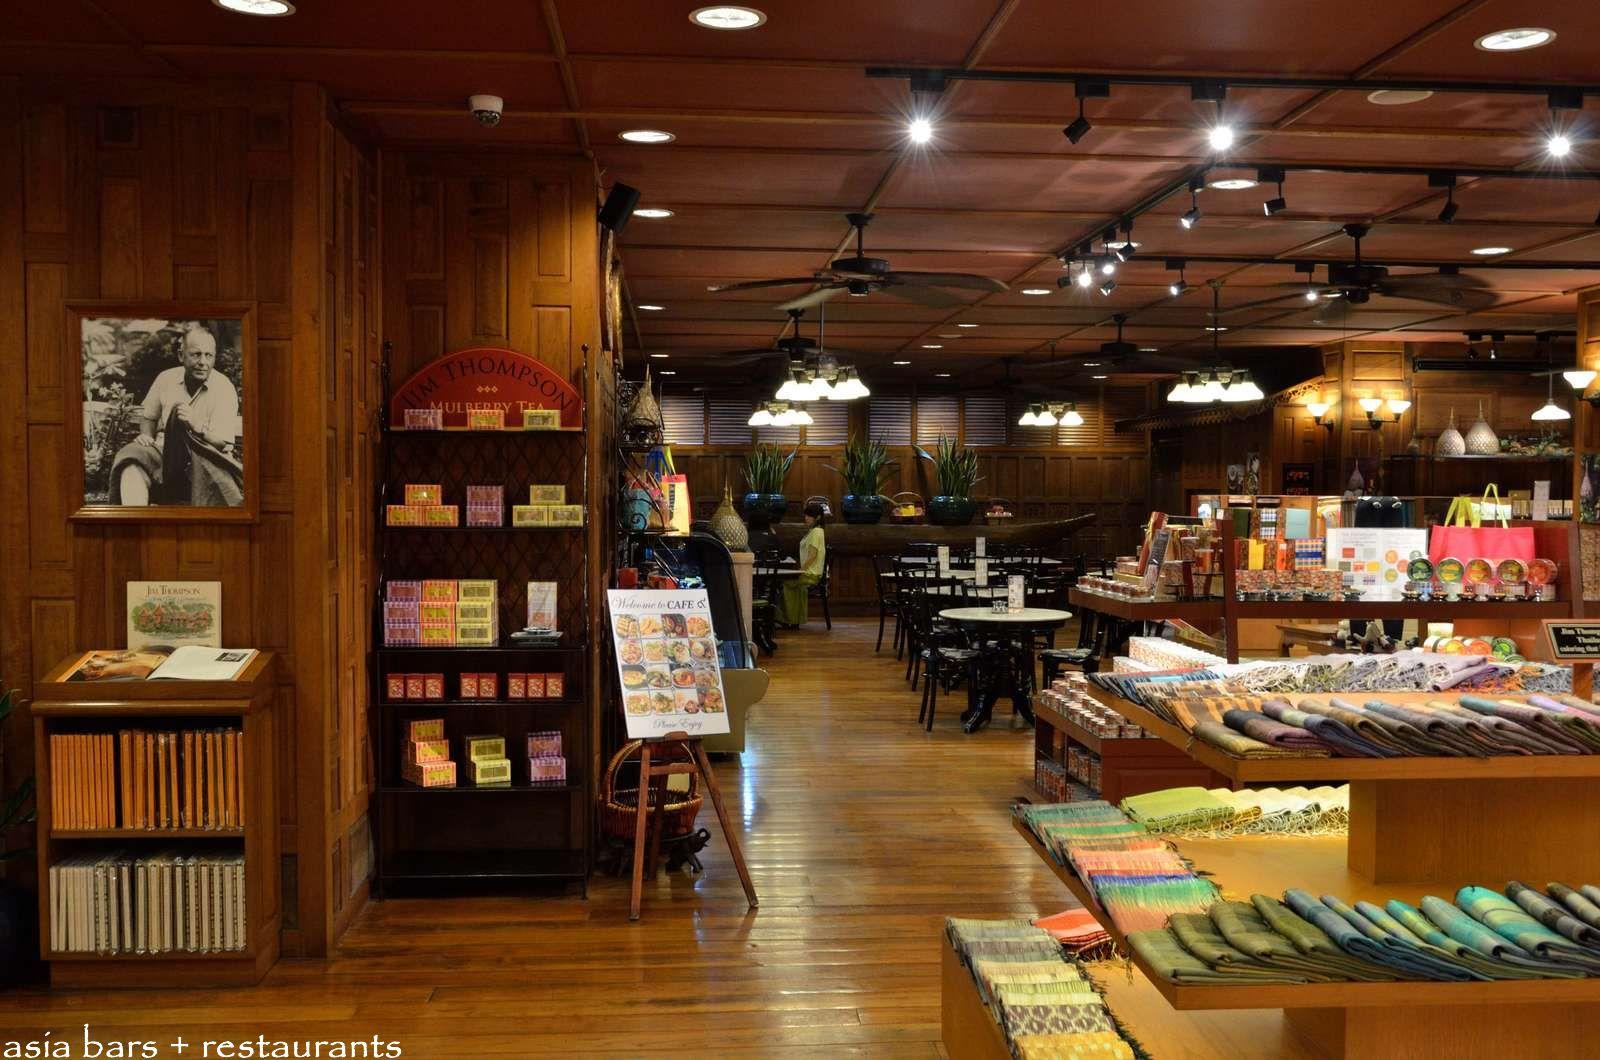 Jim Bakery Cafe